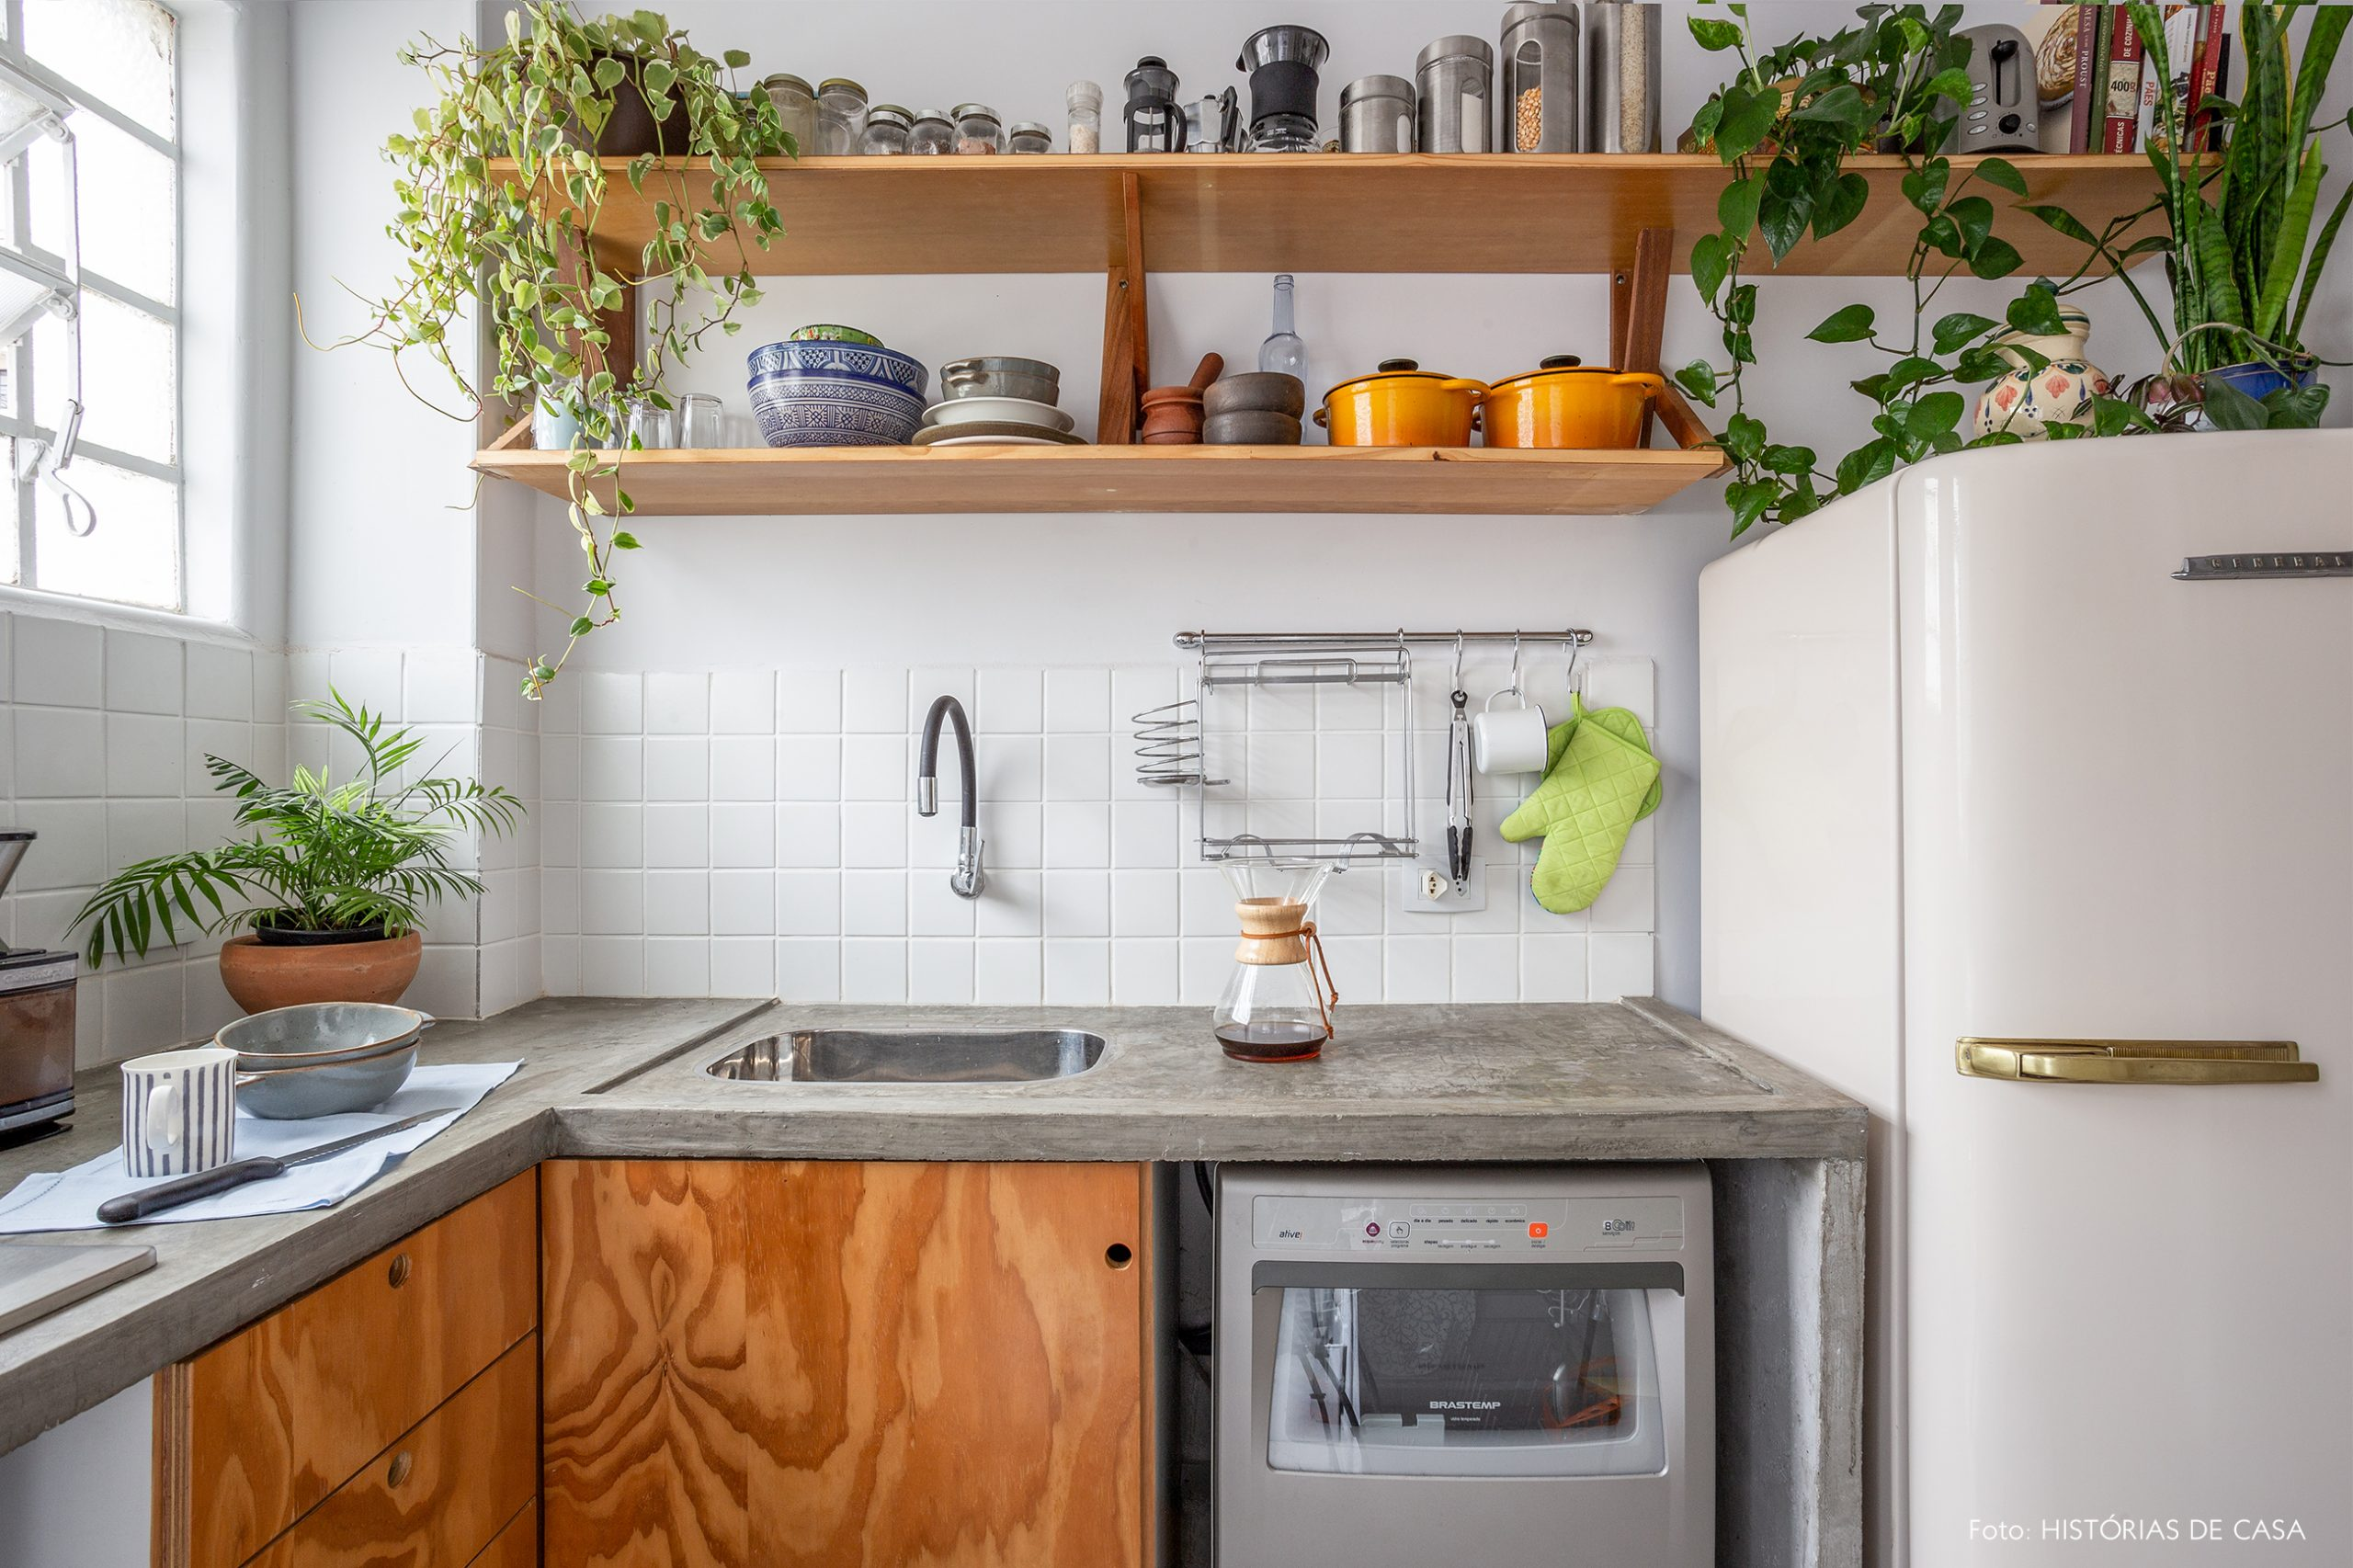 decoração cozinha com armarios de madeira e plantas